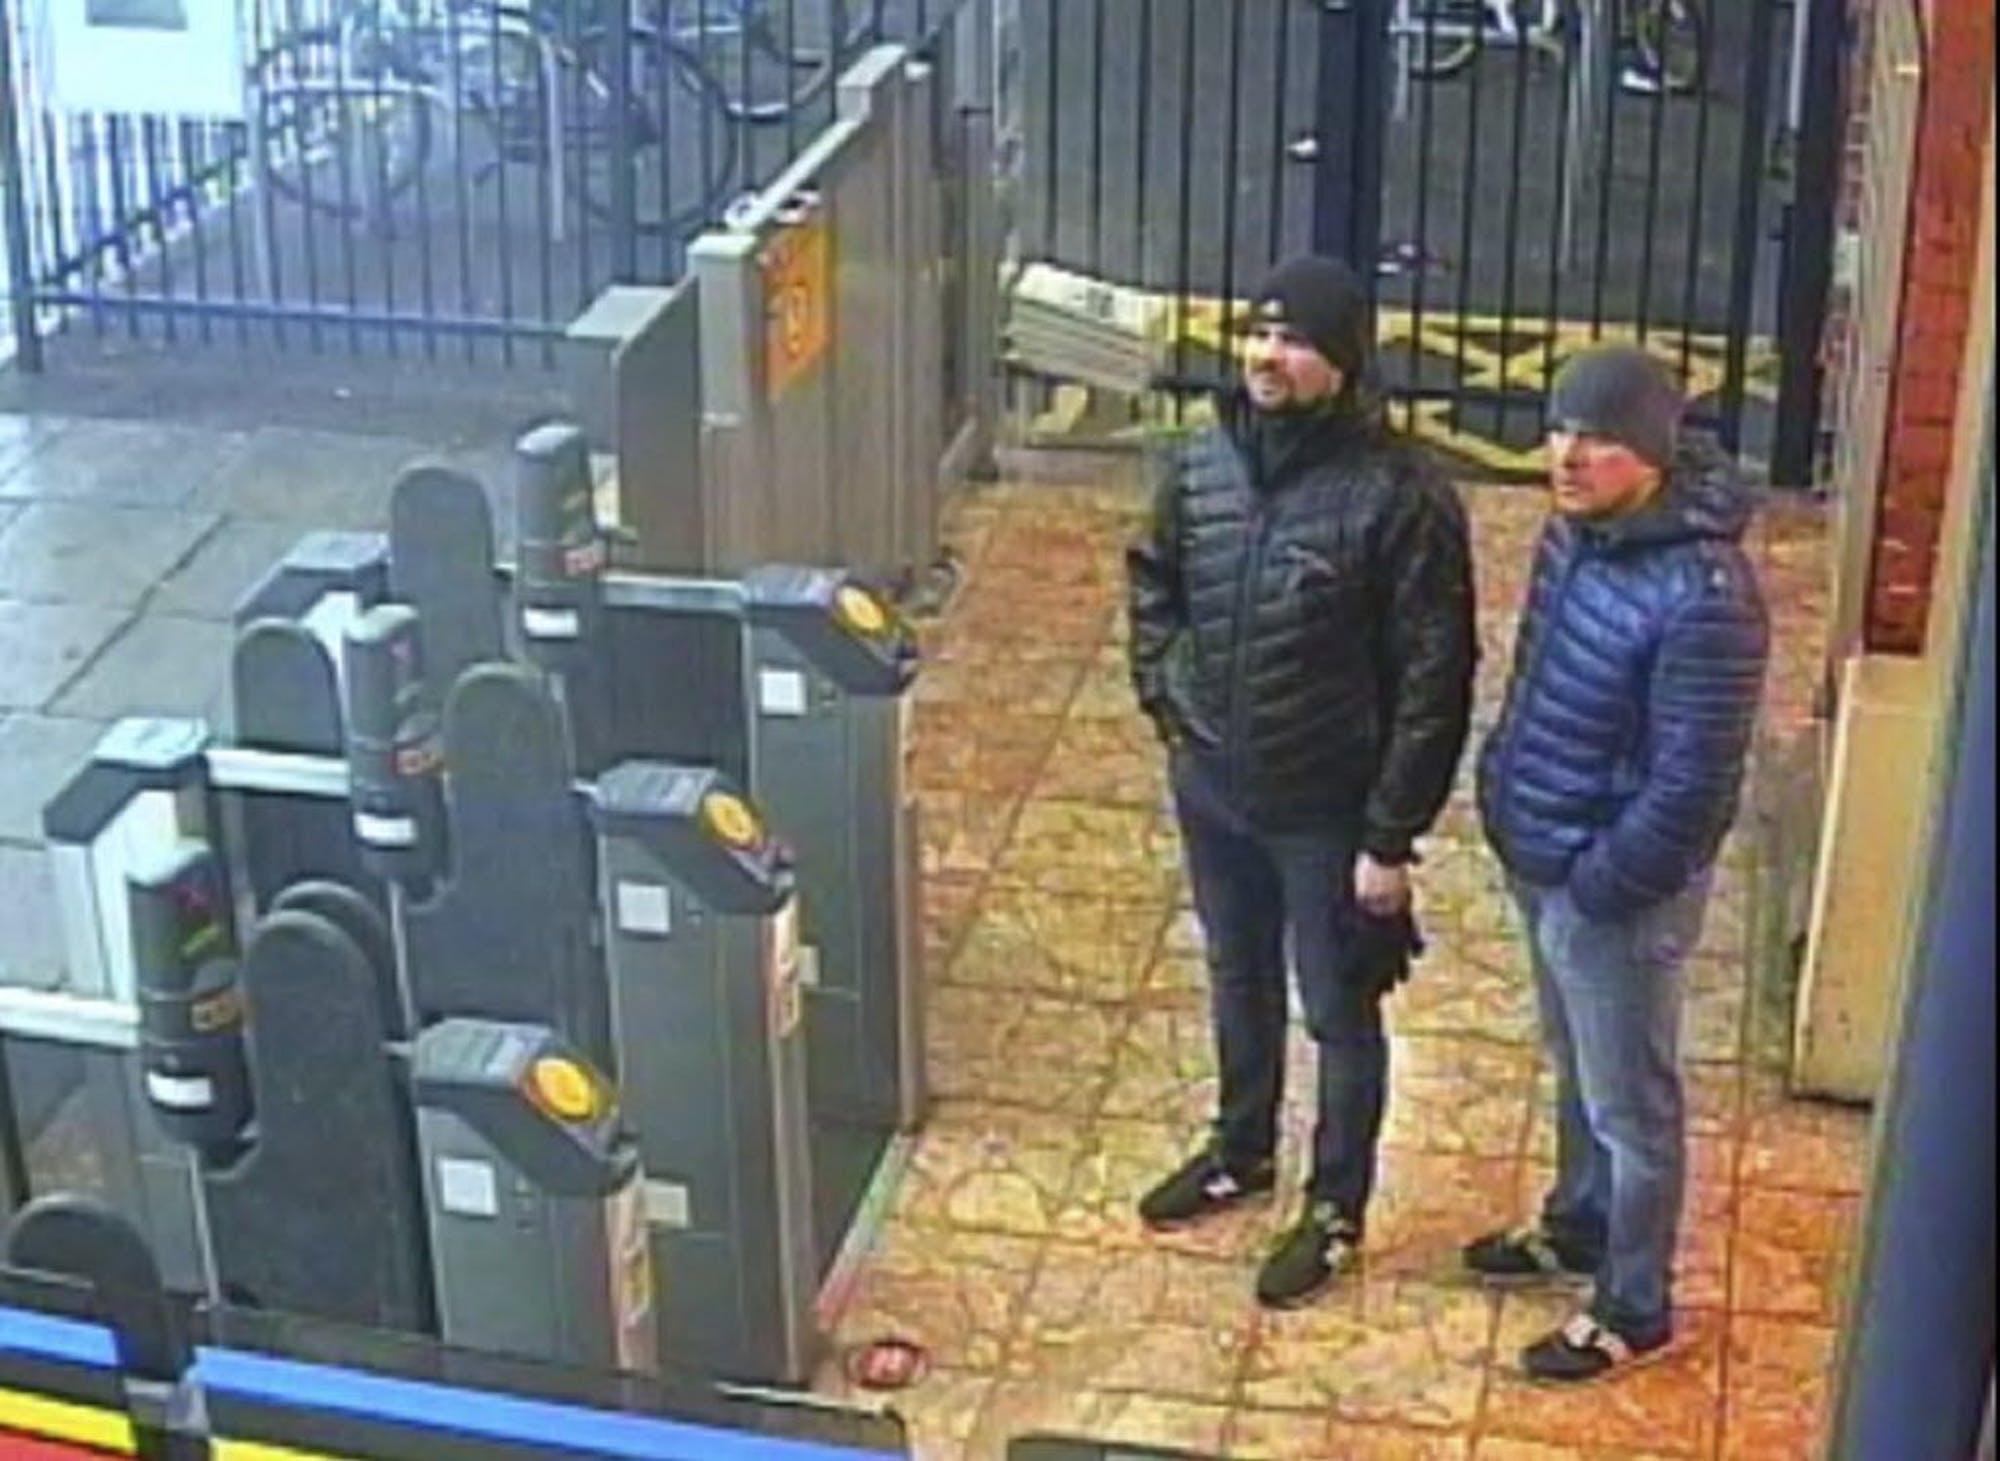 En esta imagen, tomada de un video de una cámara de seguridad y distribuida por la Policía Metropolitana de Londres el 5 de septiembre de 2018, se muestra a los ciudadanos rusos Ruslan Boshirov y Alexander Petrov, sospechosos del envenenamiento de un exespía ruso en Gran Bretaña, en la estación de tren de Salisbury, el 3, de marzo de 2018. (Policía Metropolitana vía AP)